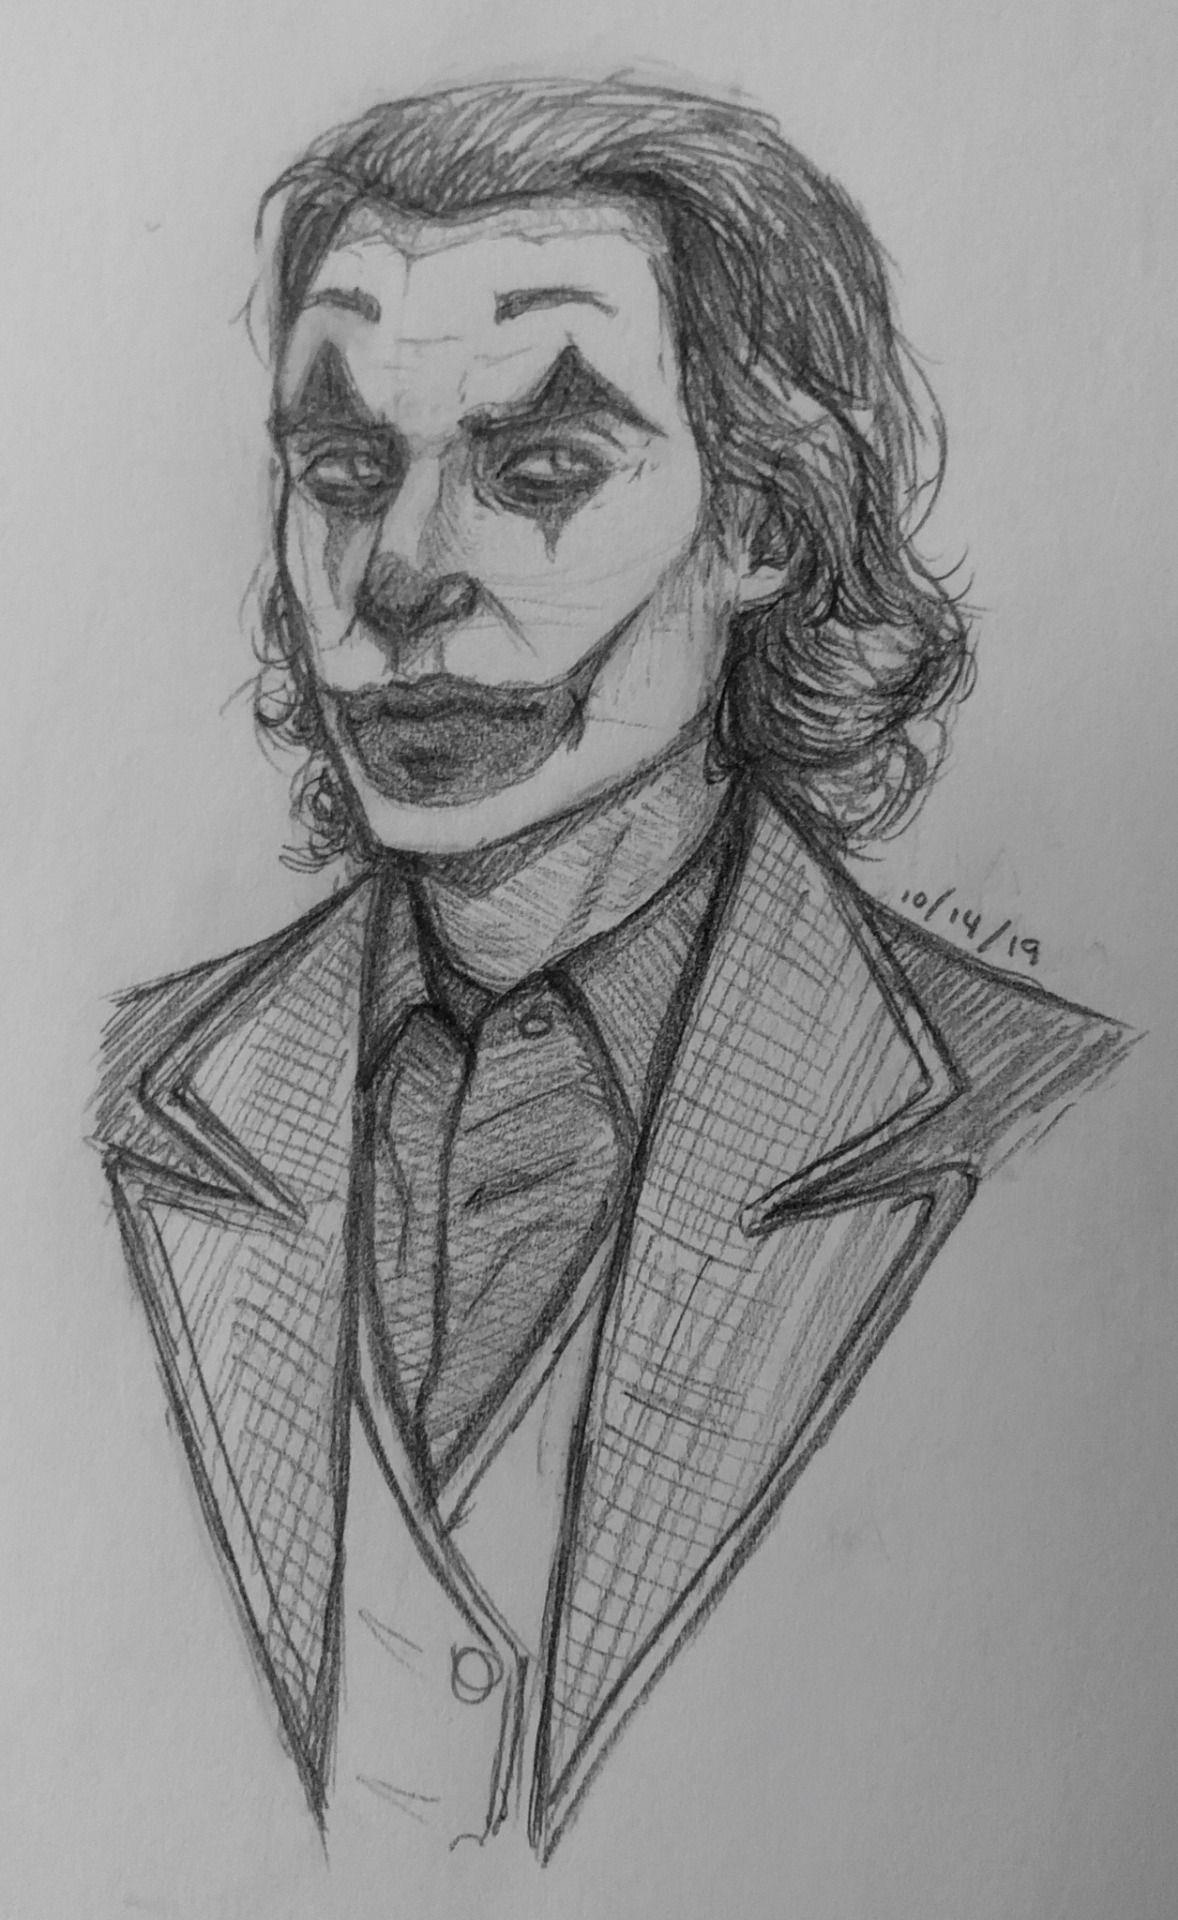 Joaquin Phoenix Joker Sketch By Supertwisty Desenhando Esbocos Desenho De Rosto Desenhos De Rostos